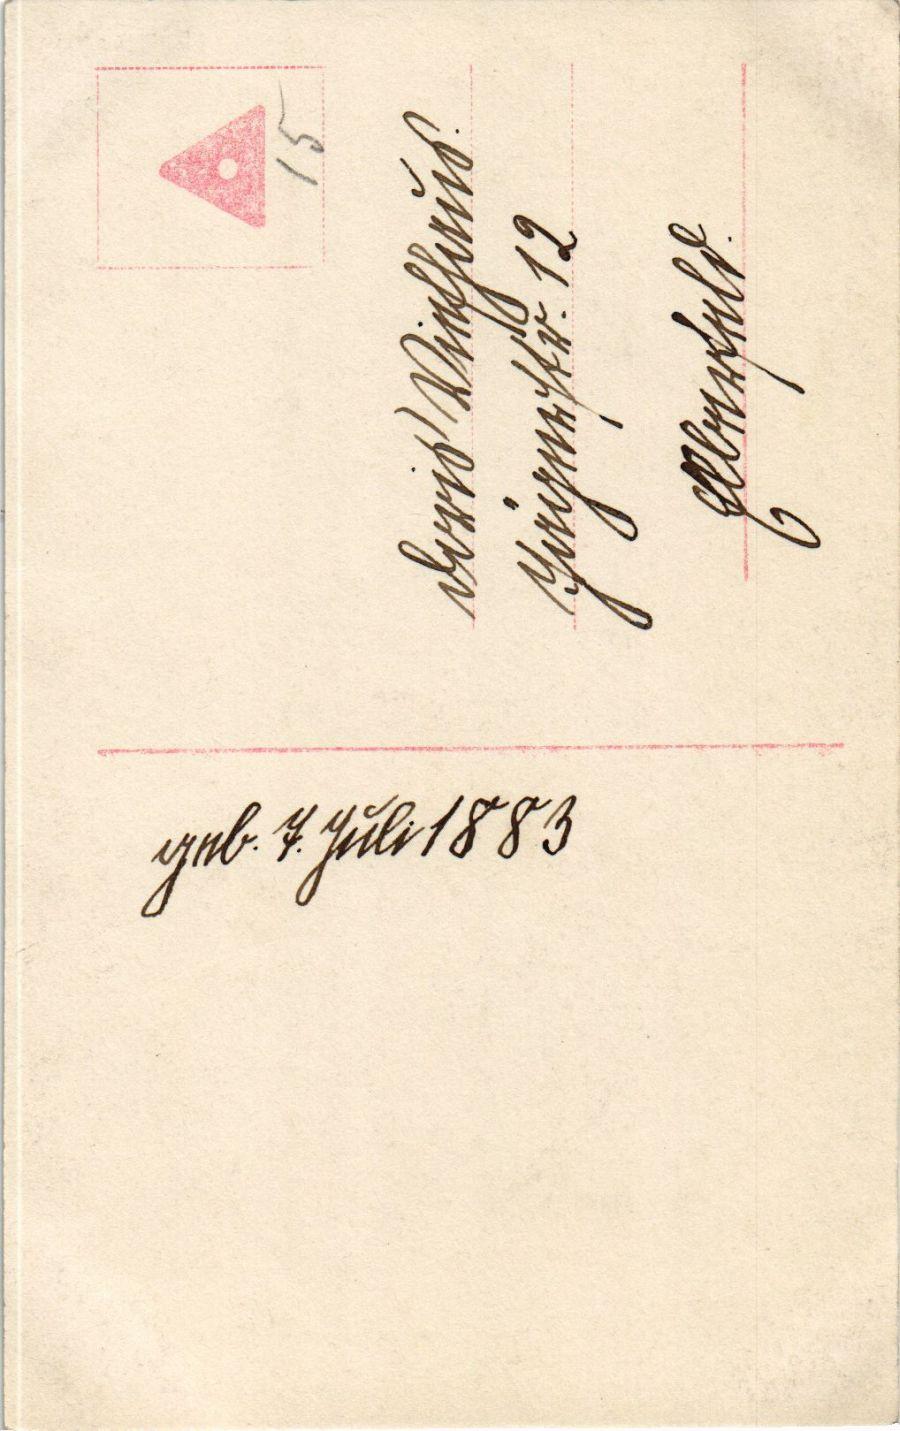 CPA-AK-Prinz-Eitel-Friedrich-v-Preussen-GERMAN-ROYALTY-867487 Indexbild 2